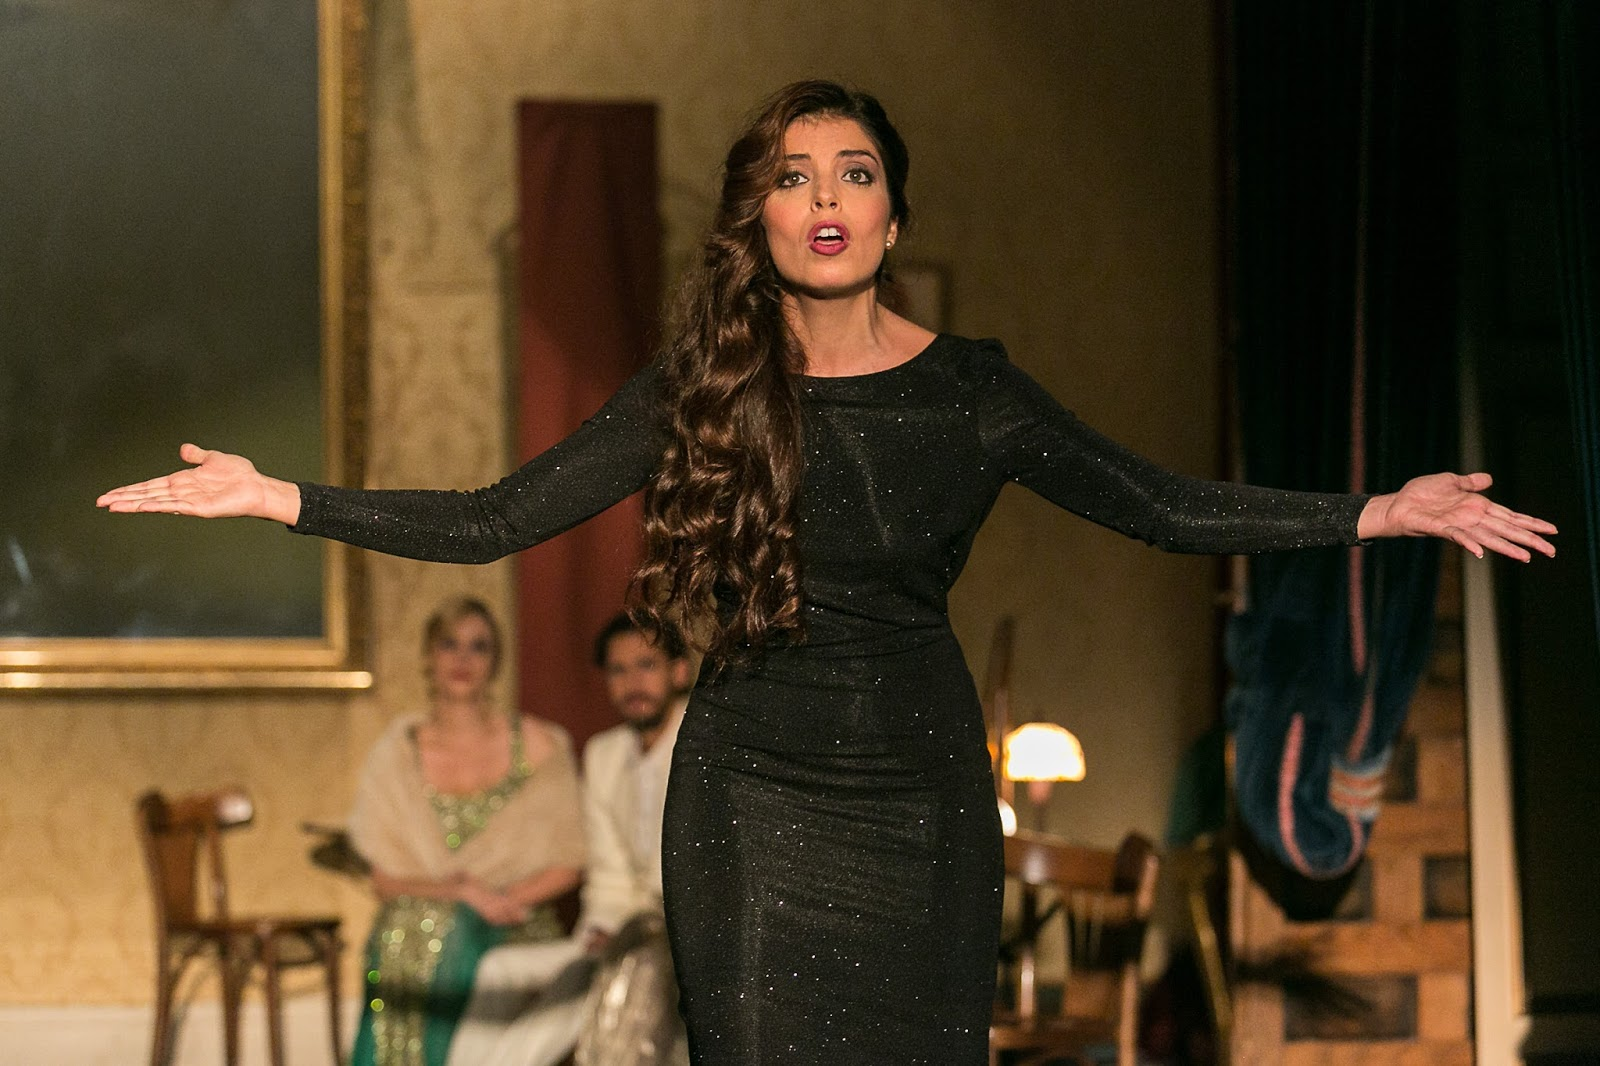 Soleá Morente en Clara Bow. Tanqeray Stage. Vestuario de Ester Lucas Jaqueti. Fuente: BFaceMagacine.